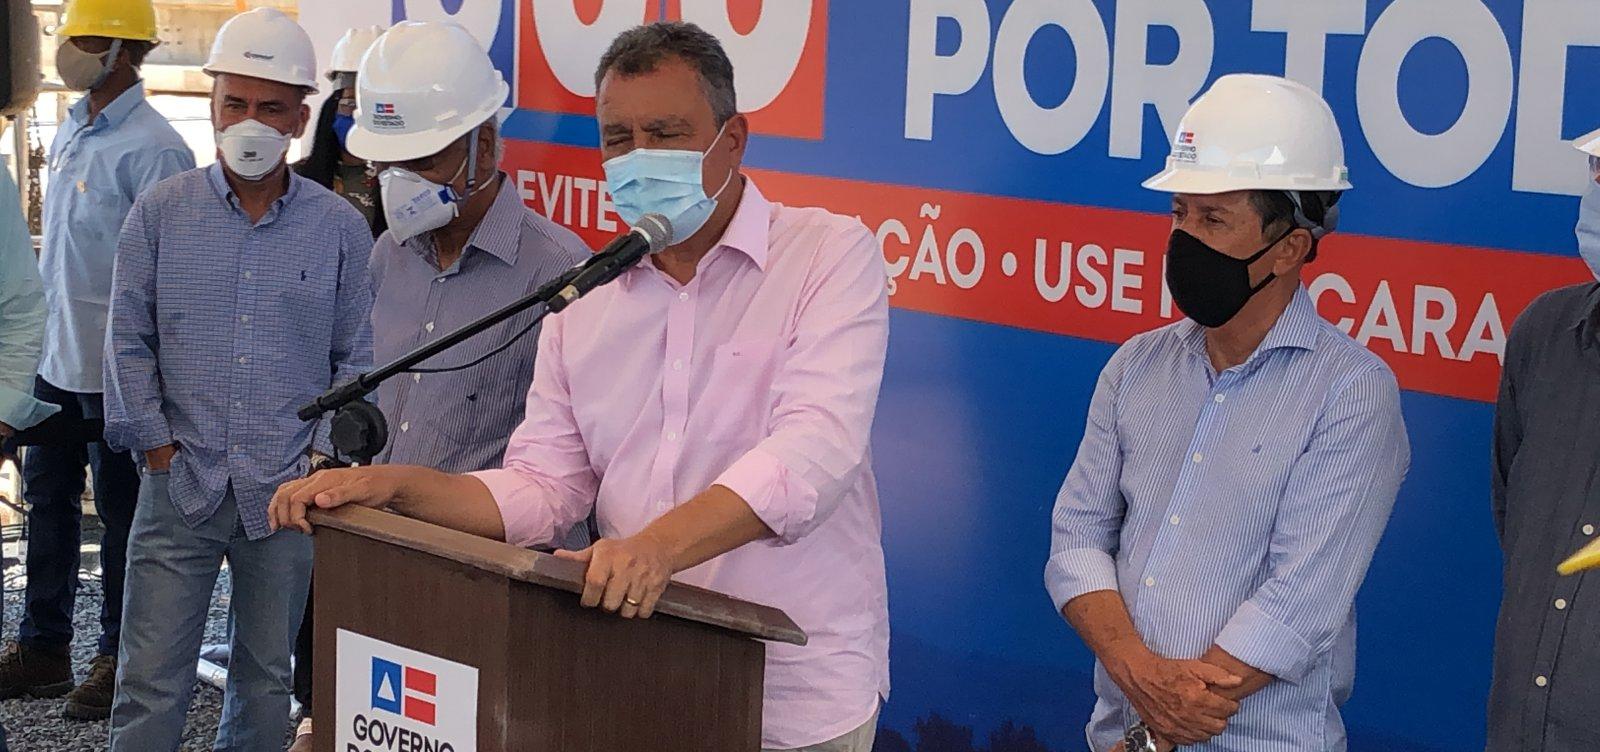 [Rui afirma que 'no máximo' 20 cidades baianas tiveram comportamento 'indevido' na pandemia]